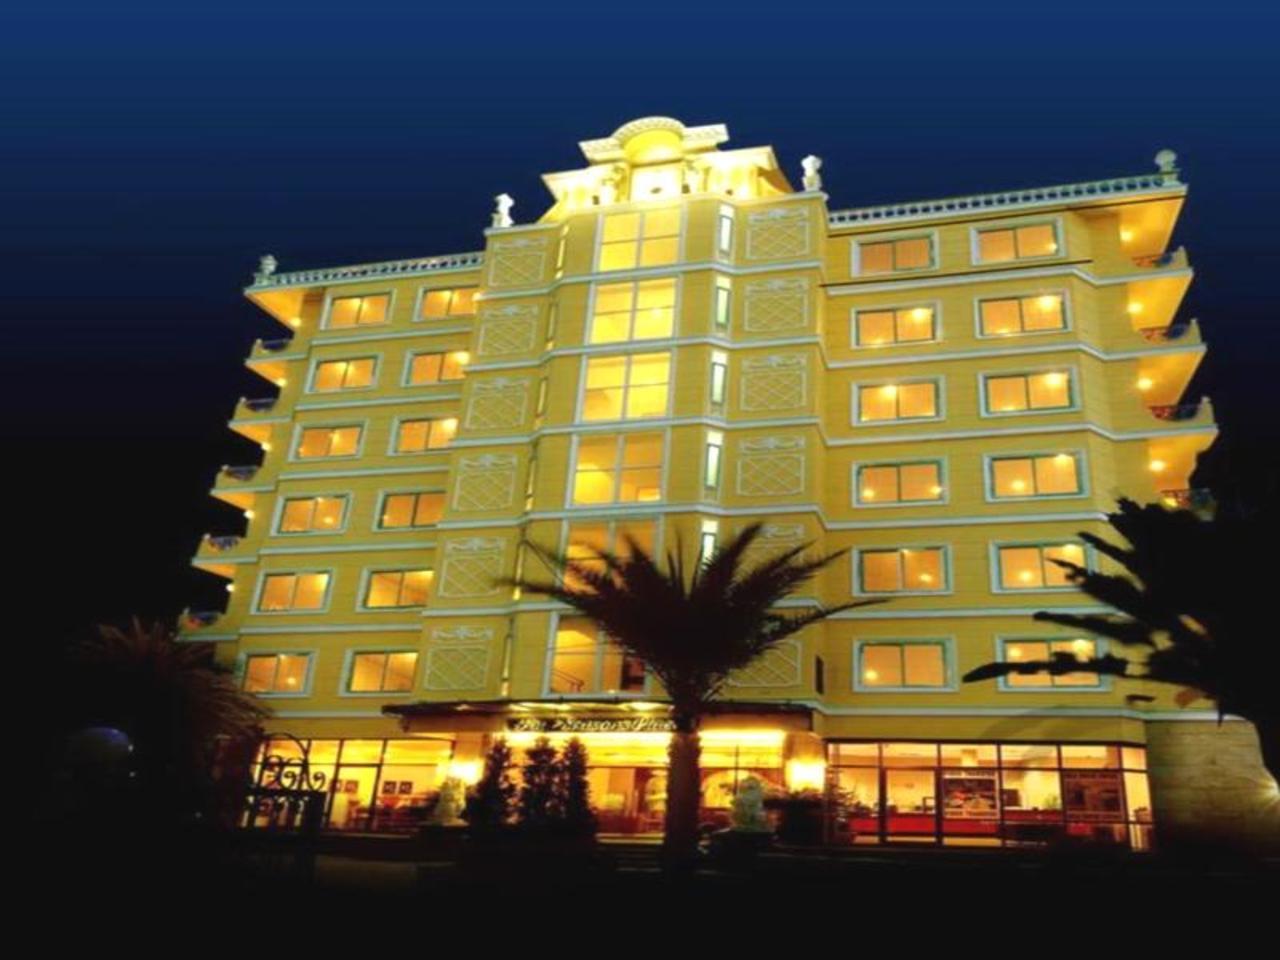 โรงแรมโฟร์ ซีซั่น เพลซ (Four Seasons Place Hotel)